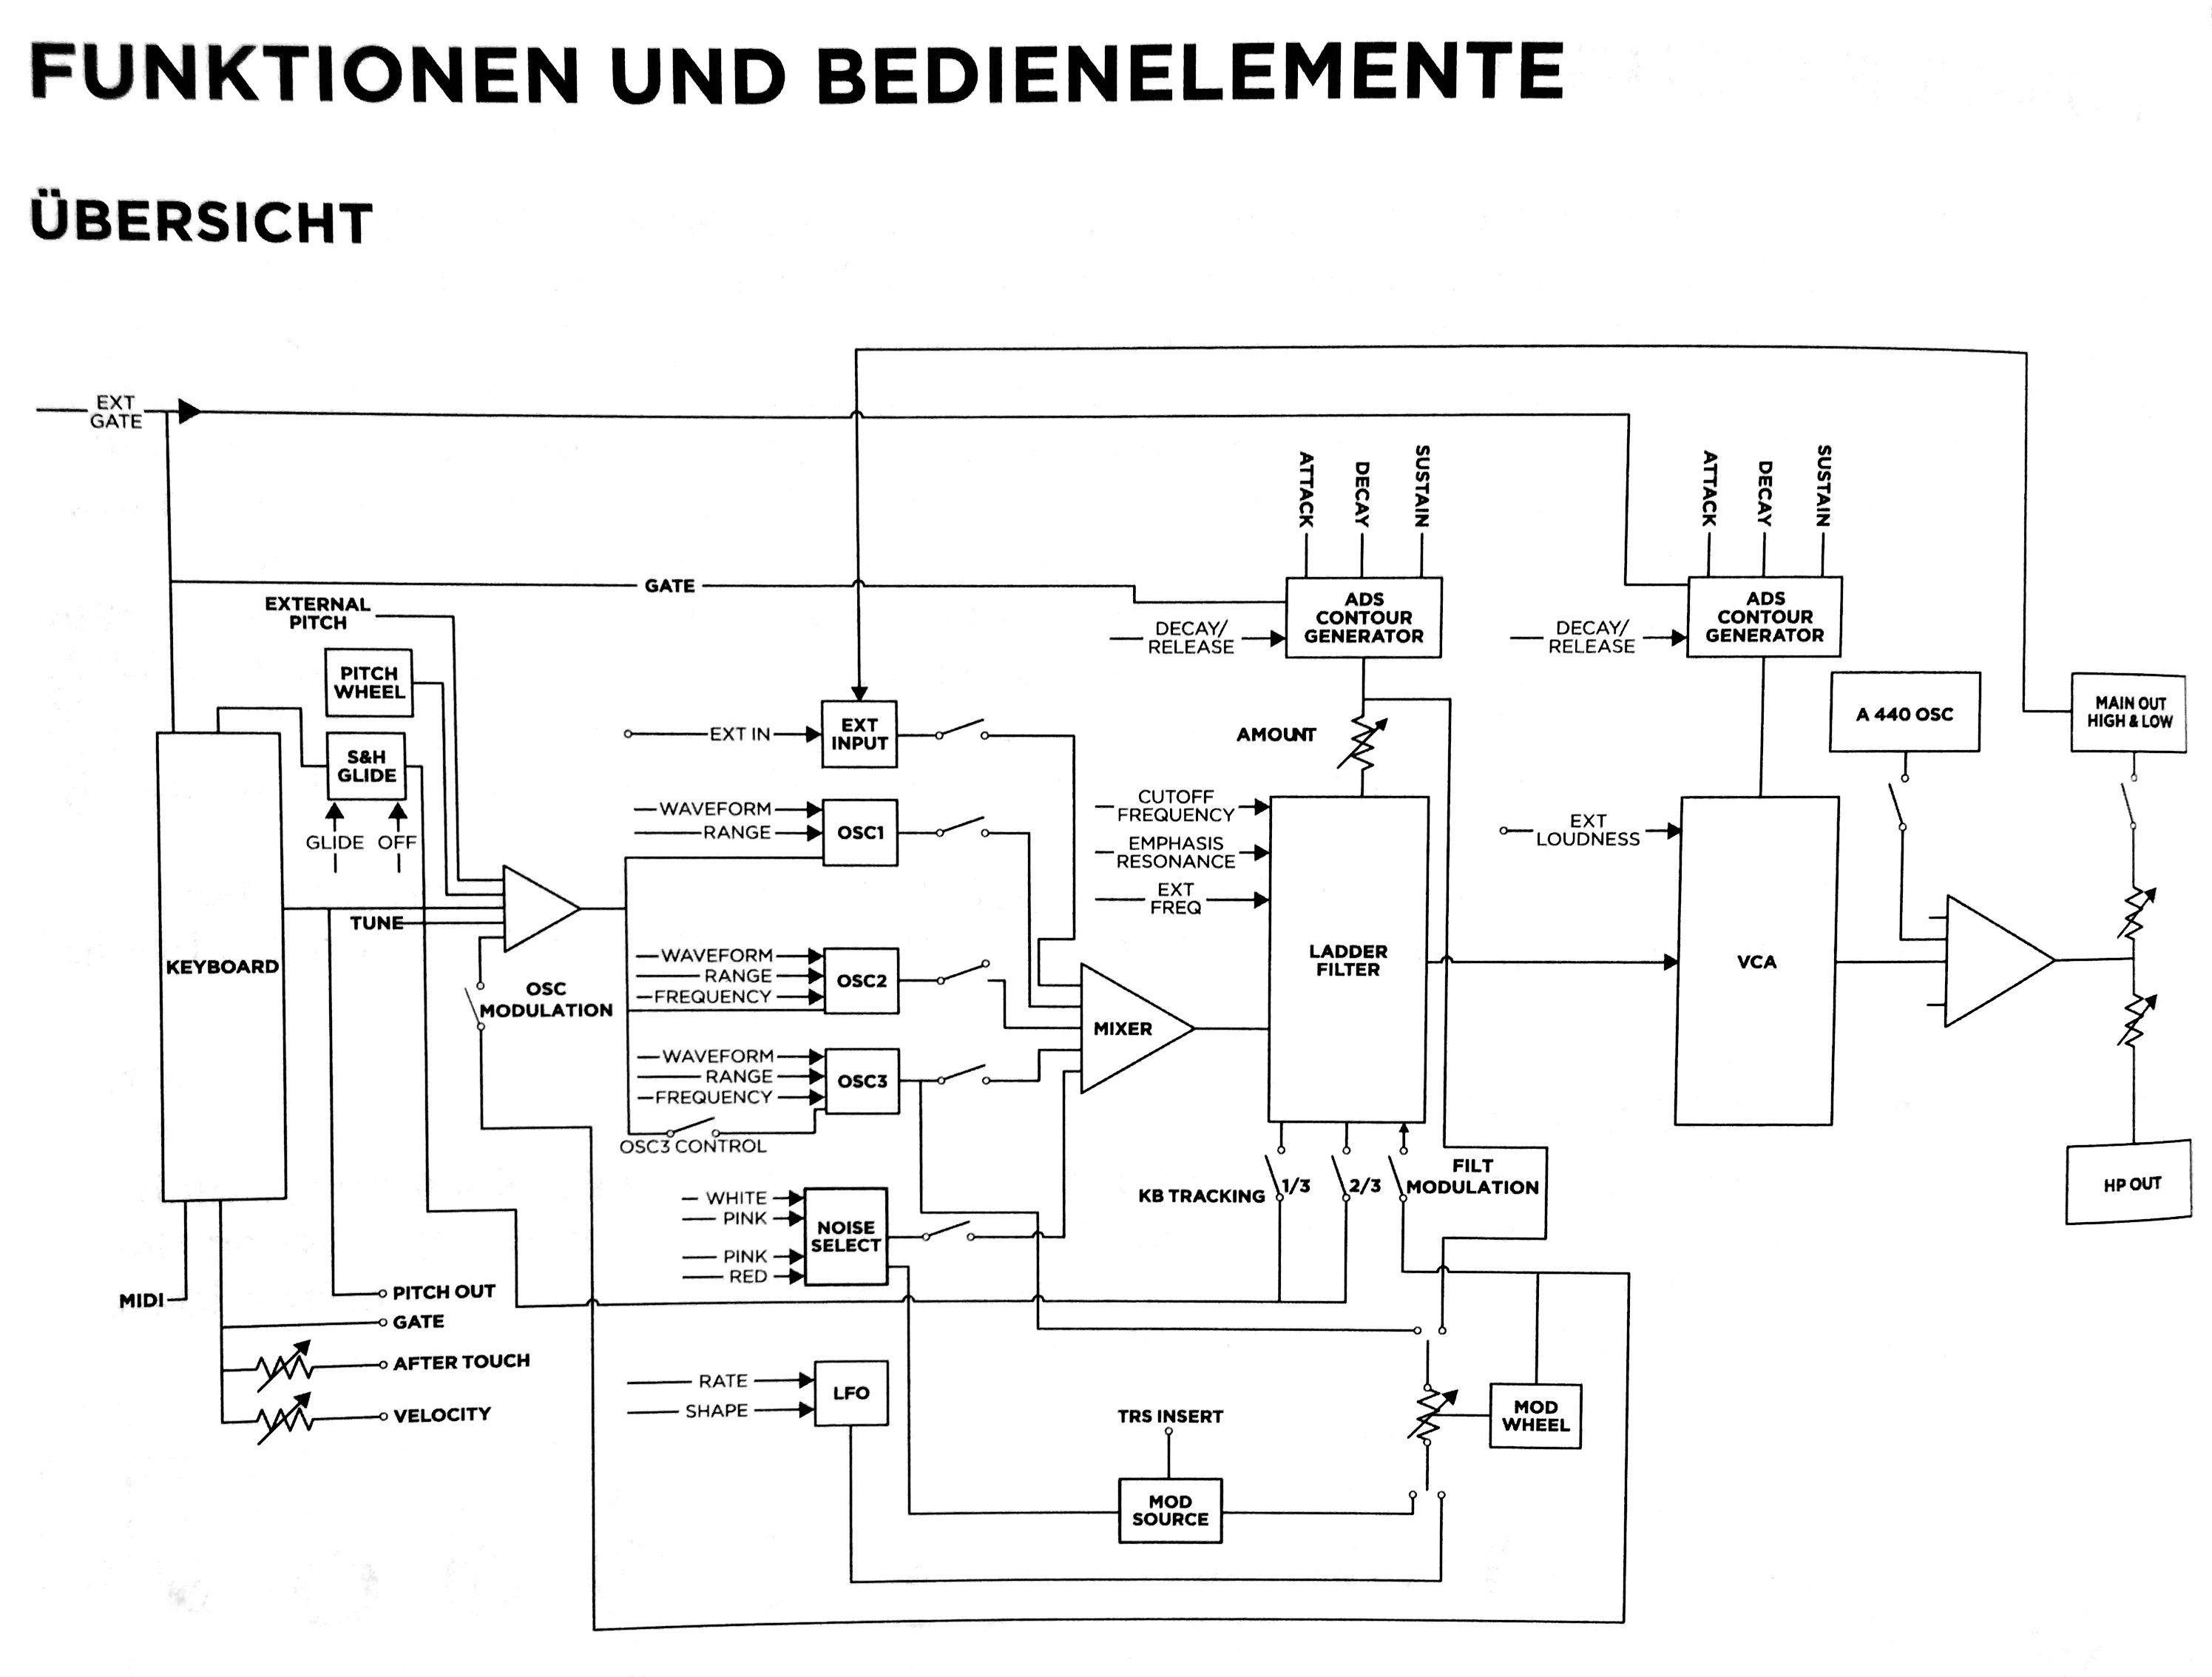 Wunderbar Aktualisieren Einer Lebenslaufhilfe Zeitgenössisch ...